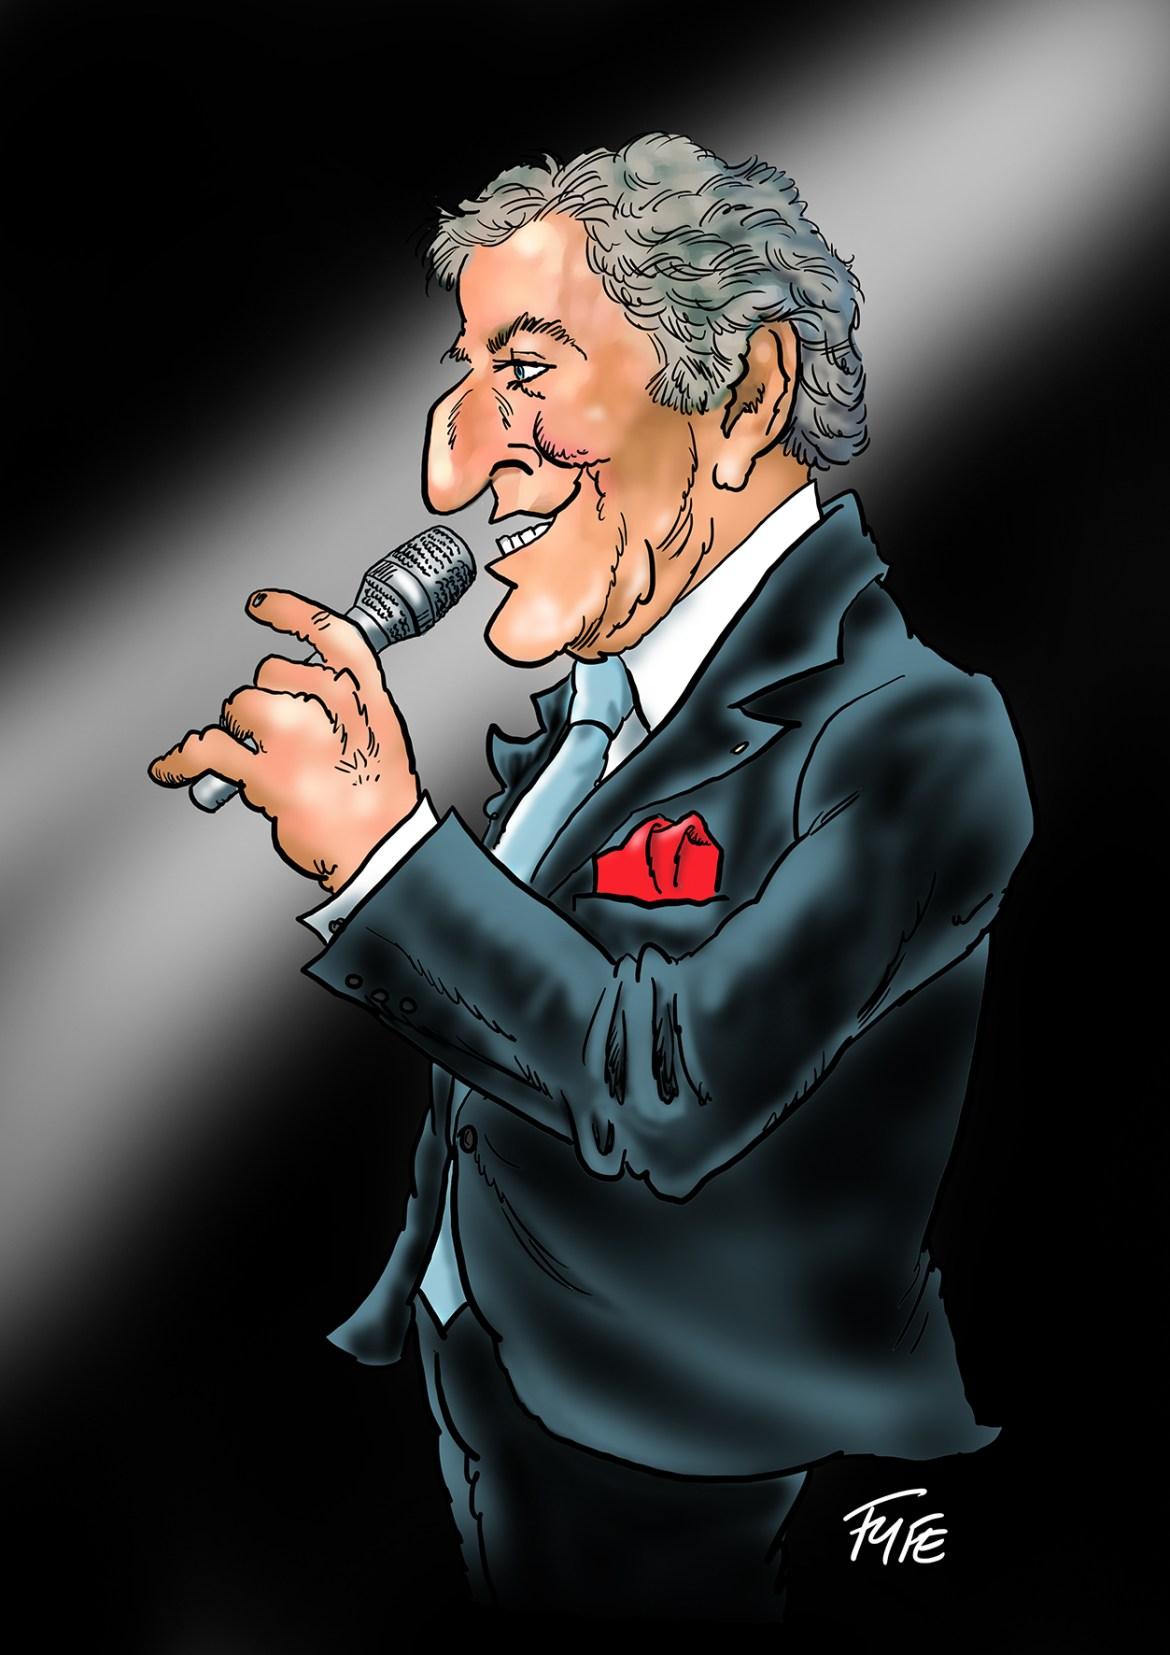 Tony Bennett, Tony Bennett caricature, Tony Bennett art